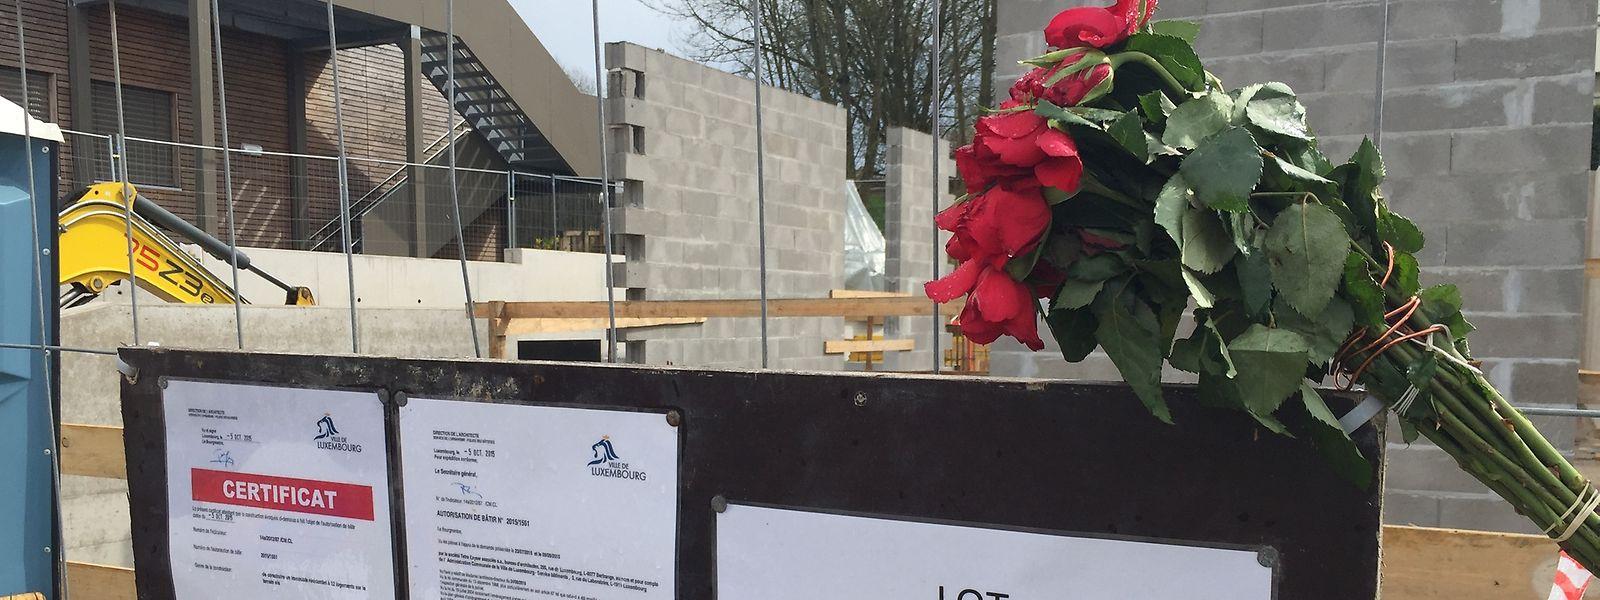 Um ramo de flores marca o local onde esta segunda-feira morreu um português de 39 anos, num estaleiro de construção em Limpertsberg, na capital luxemburguesa